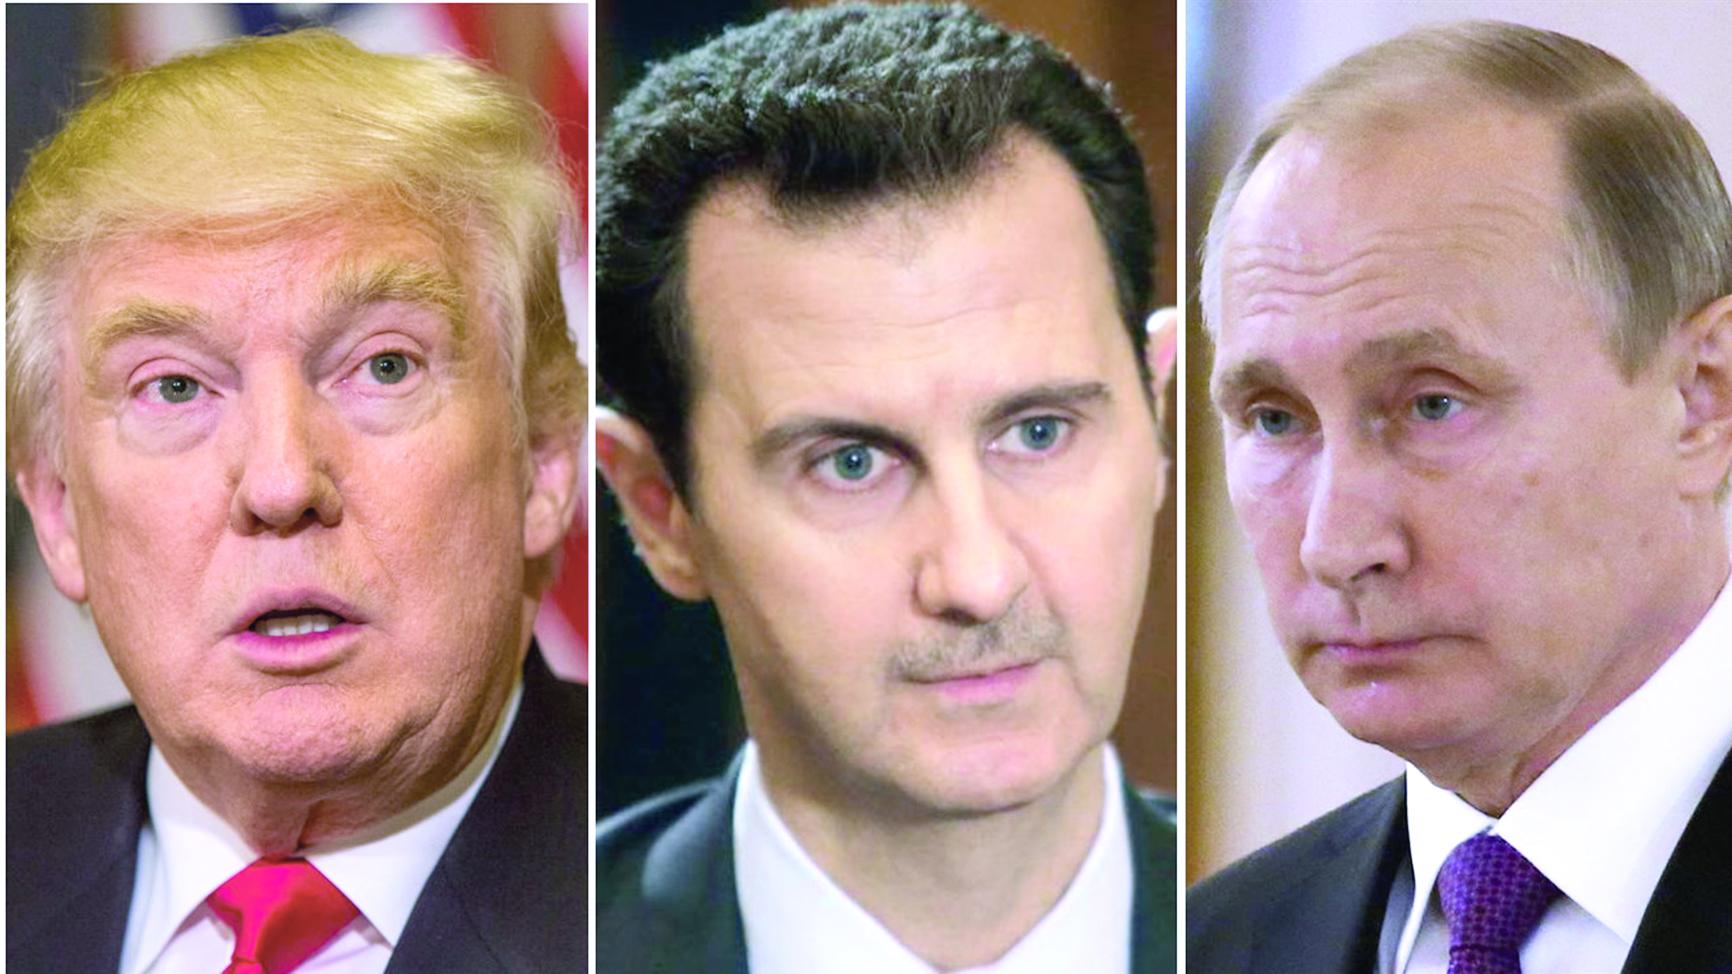 رهانات الرئيس الأمريكي تعتمد على تجاوب موسكو سوريا.. منحة ترامب أم محنته؟